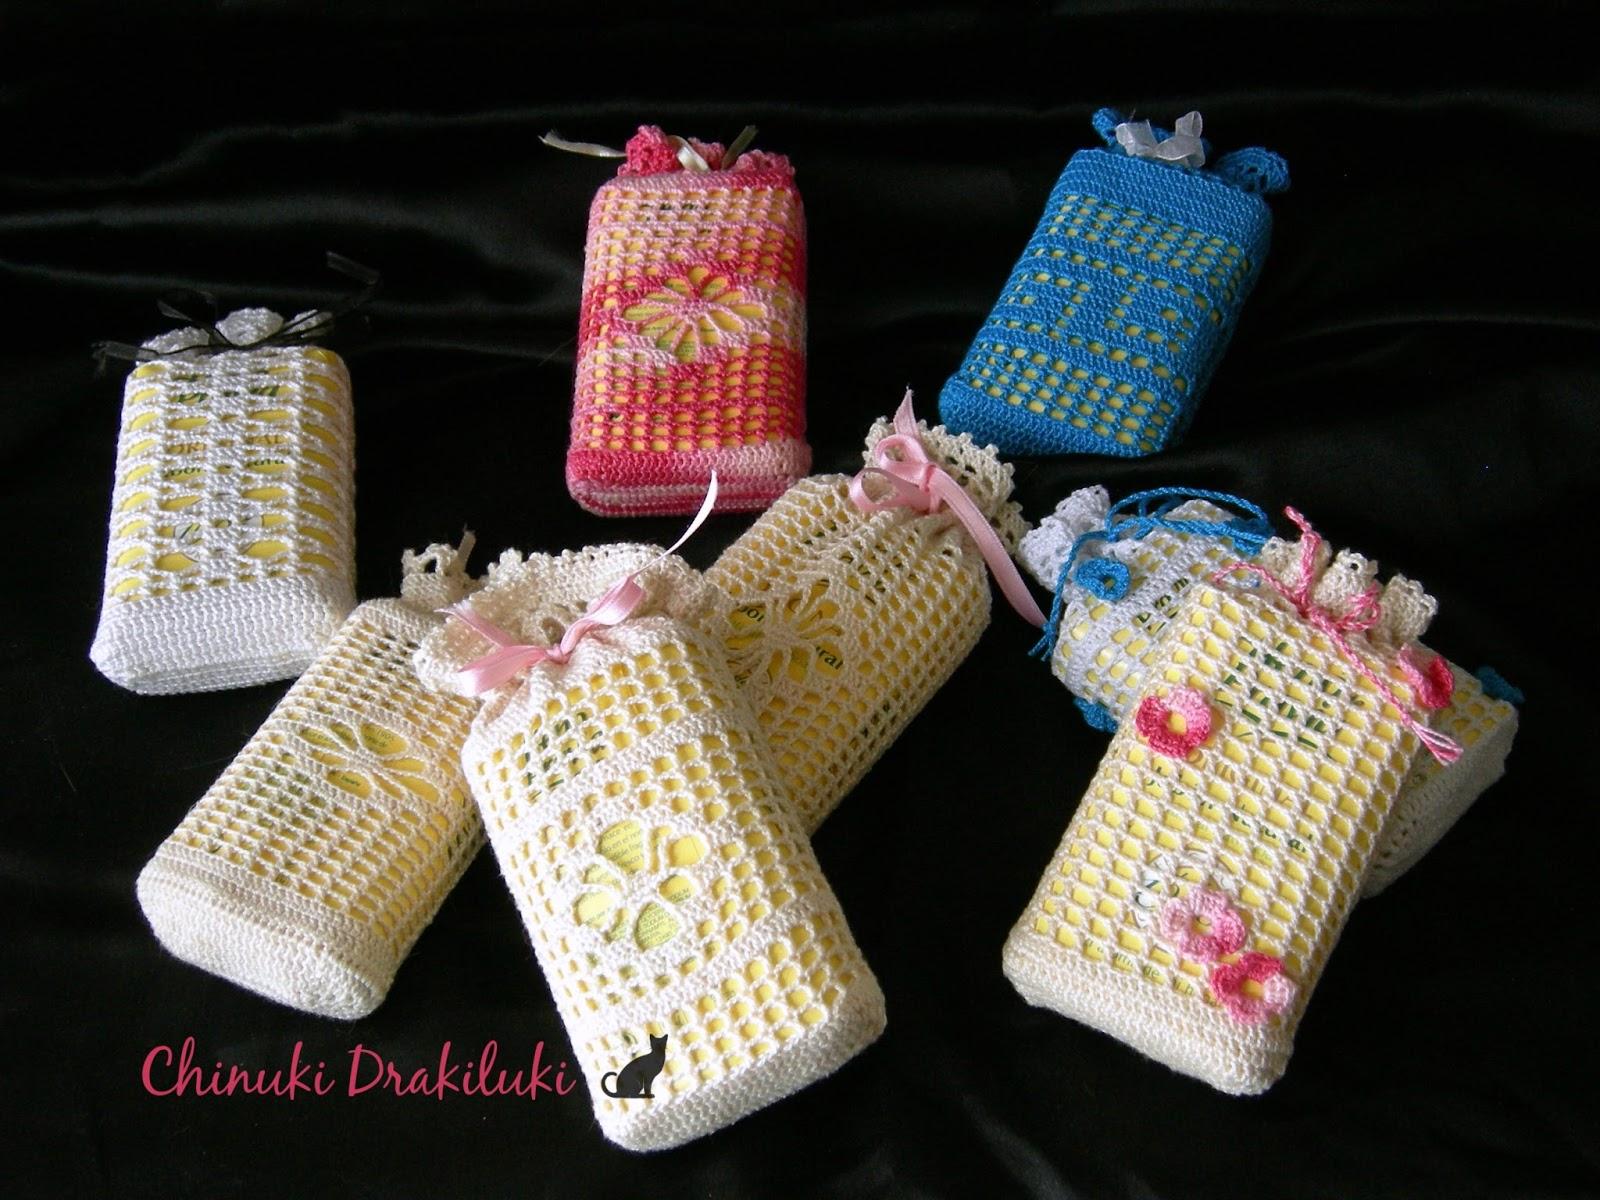 el diario del chinuki drakiluki: Bolsas aromáticas de crochet